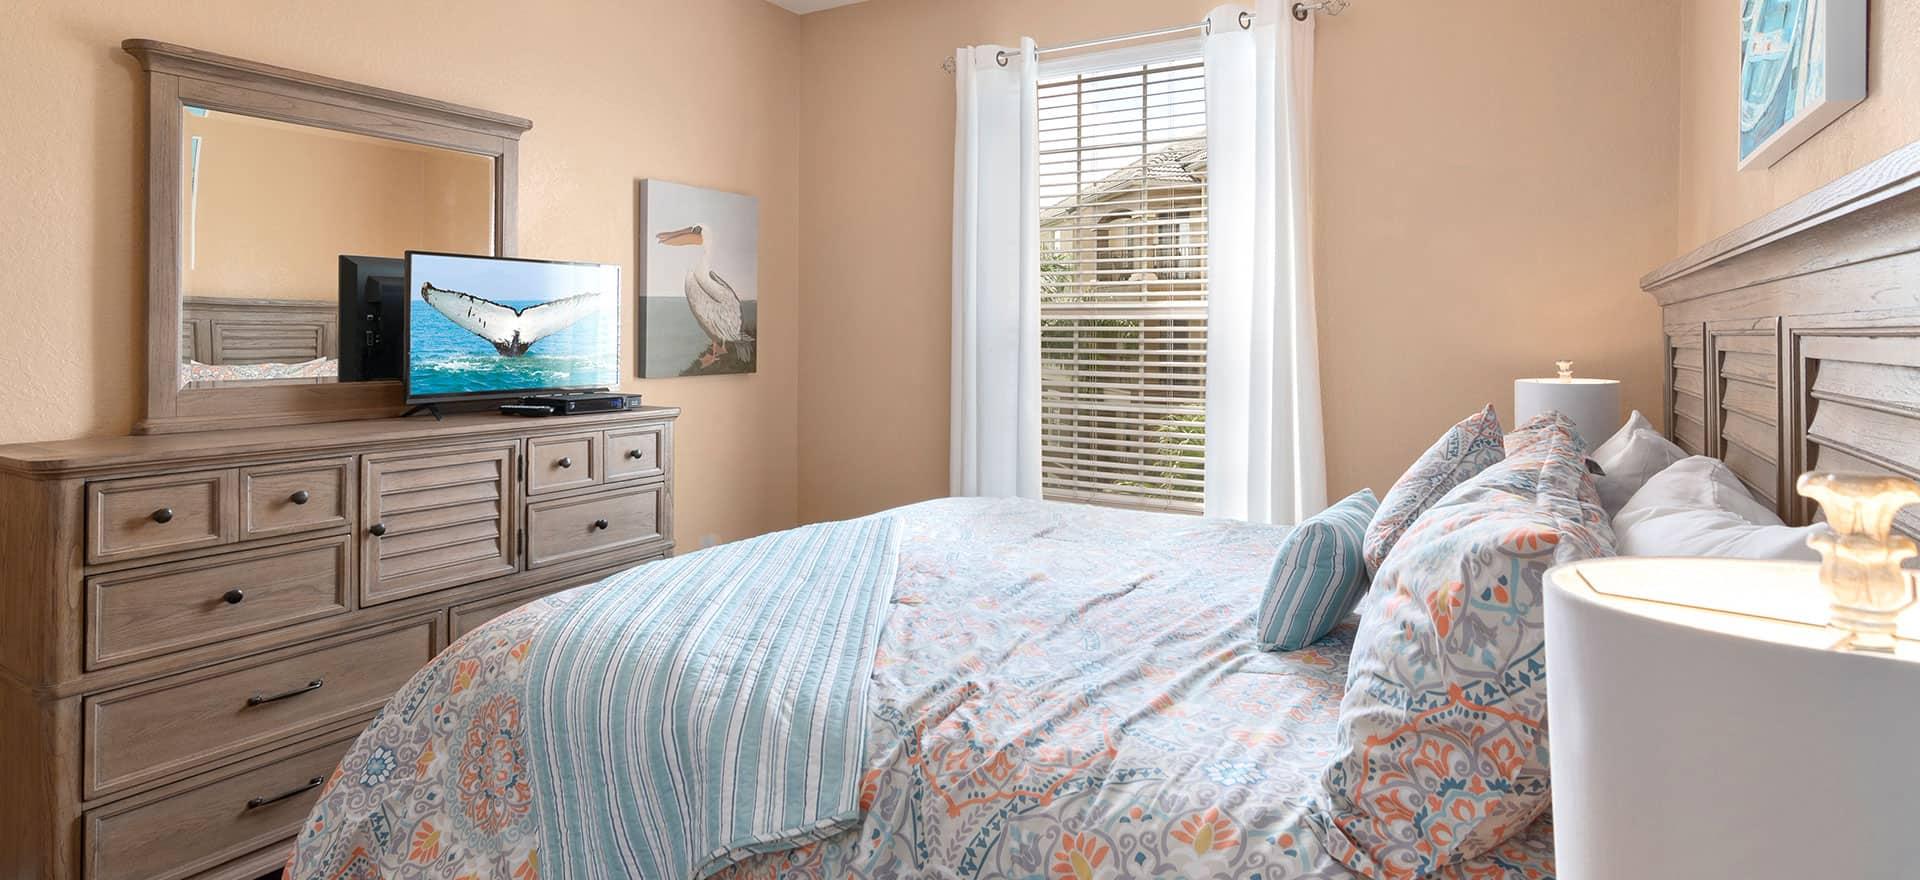 Vista Cay 2 Bedroom Units | Vista Cay Resorts by Orlando ...